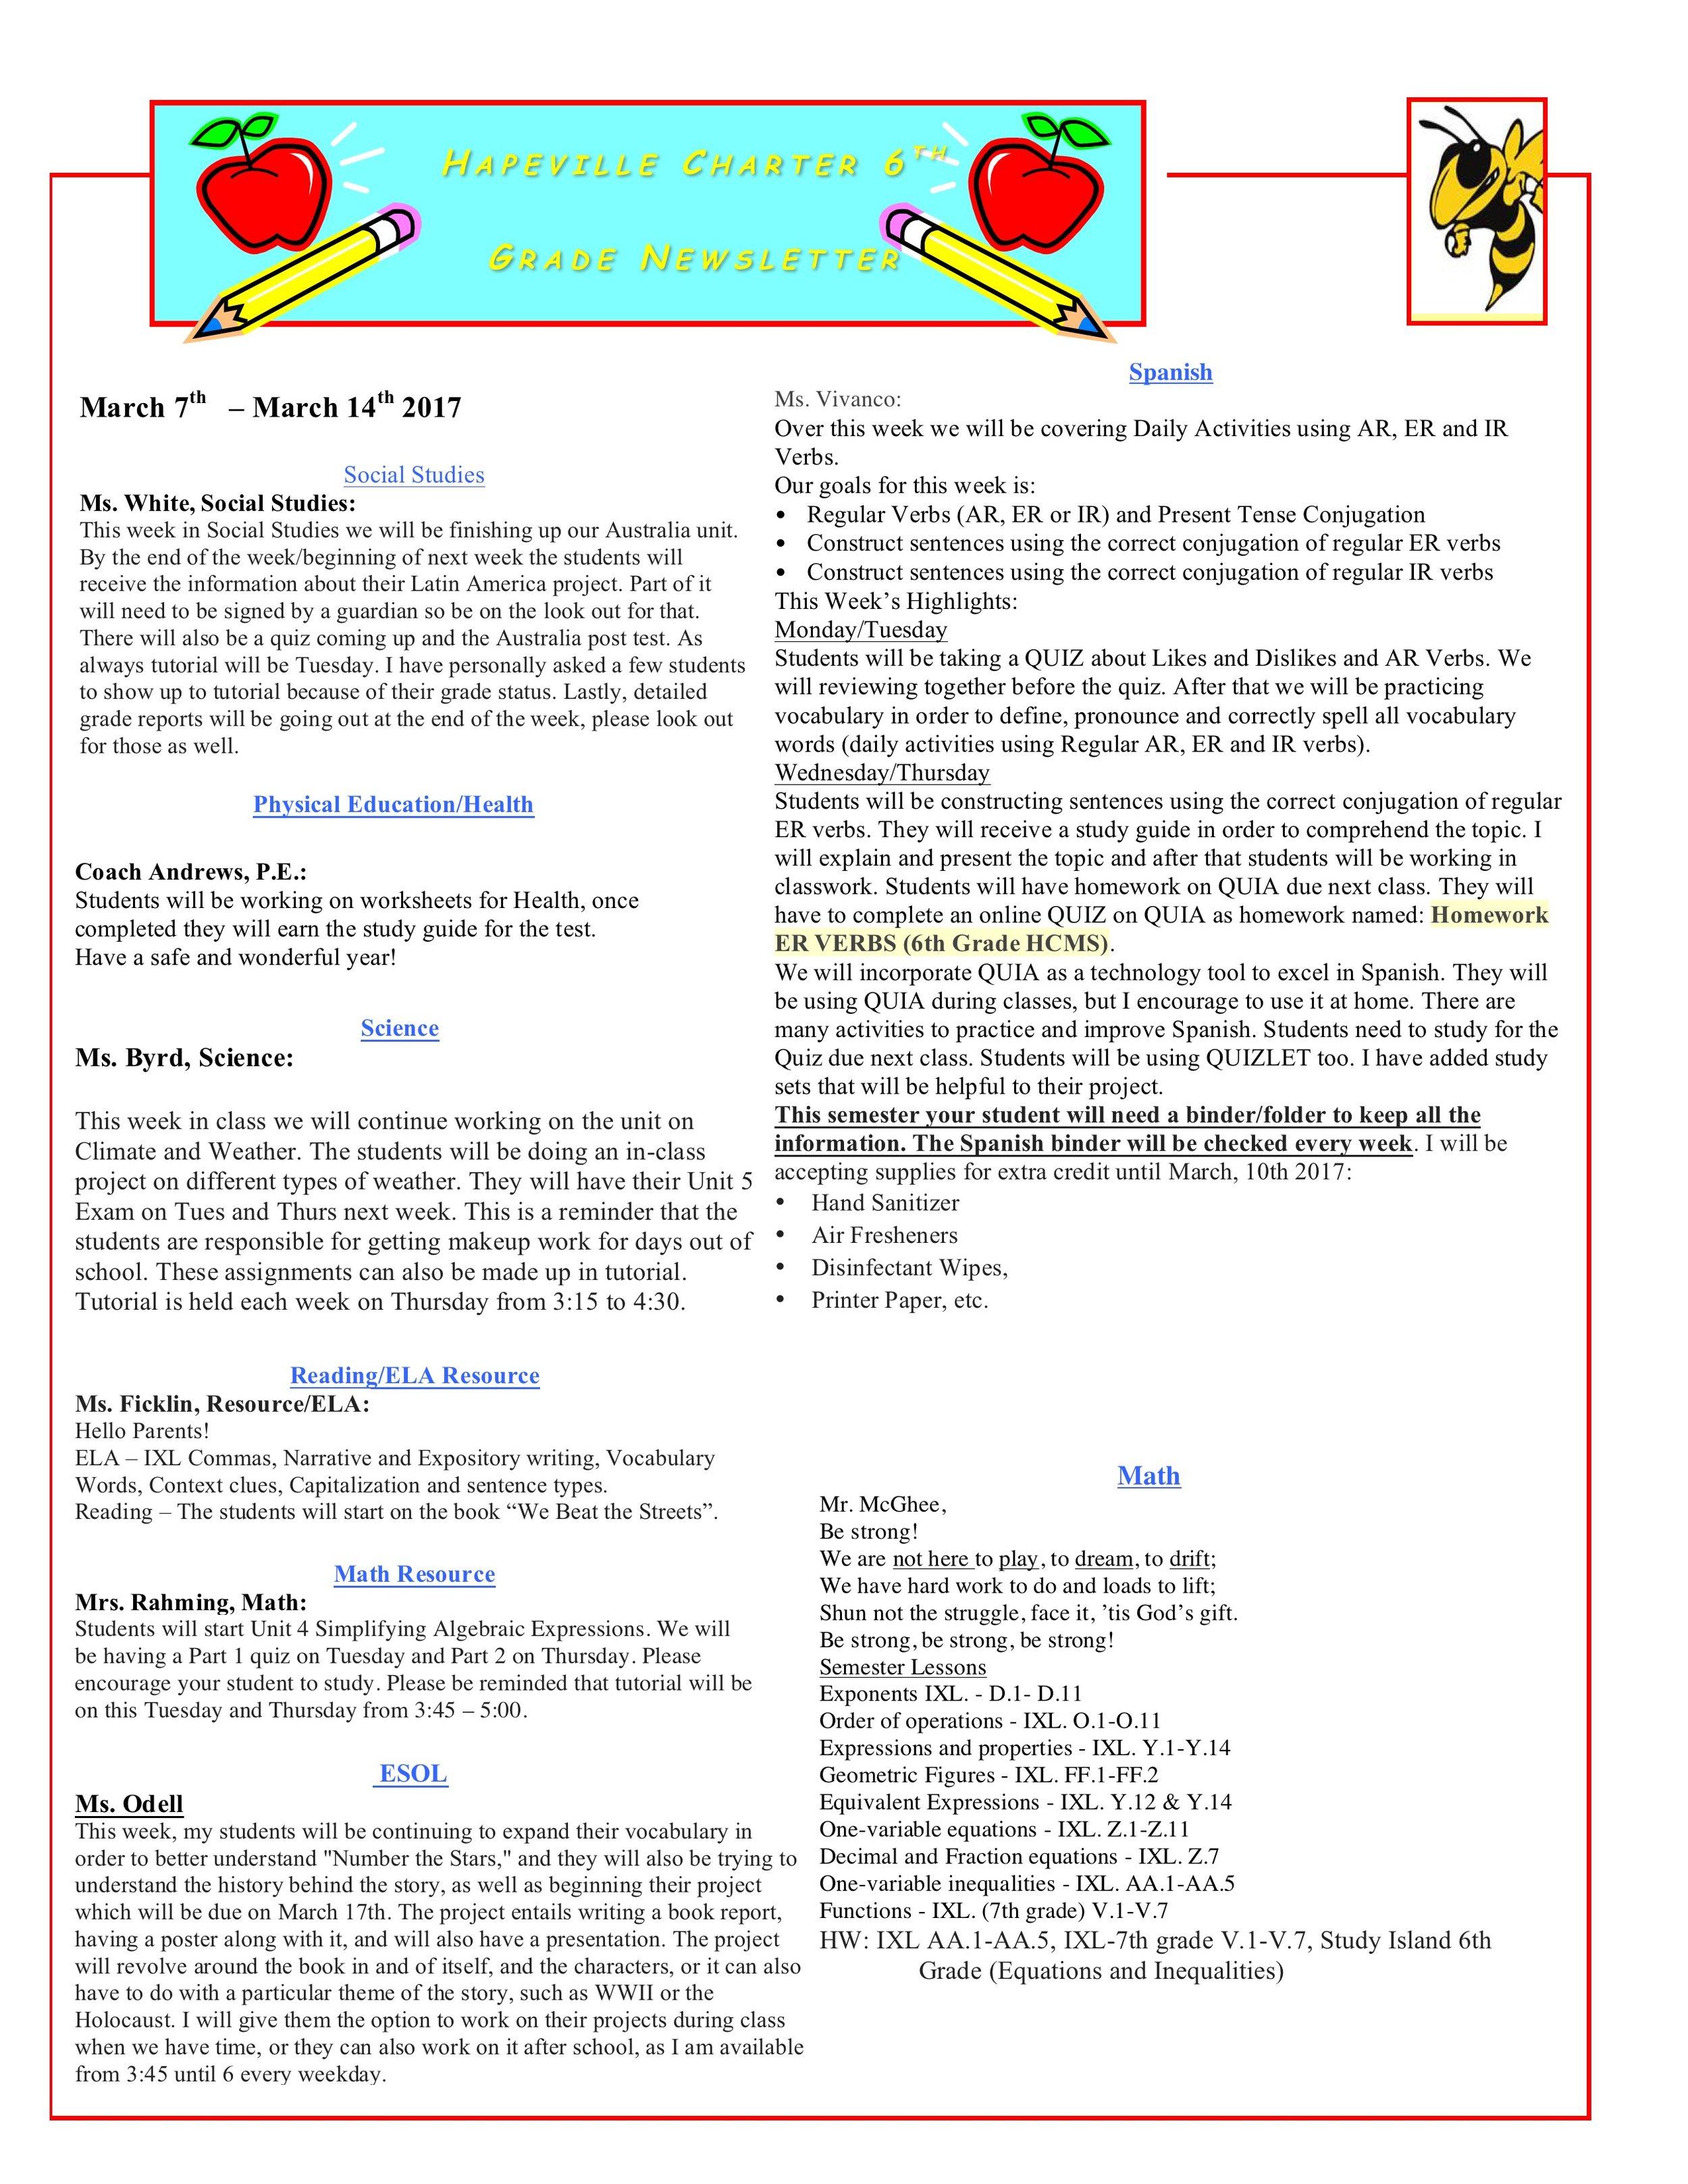 Newsletter Image6th Grade Newsletter 3-7-2017.jpeg